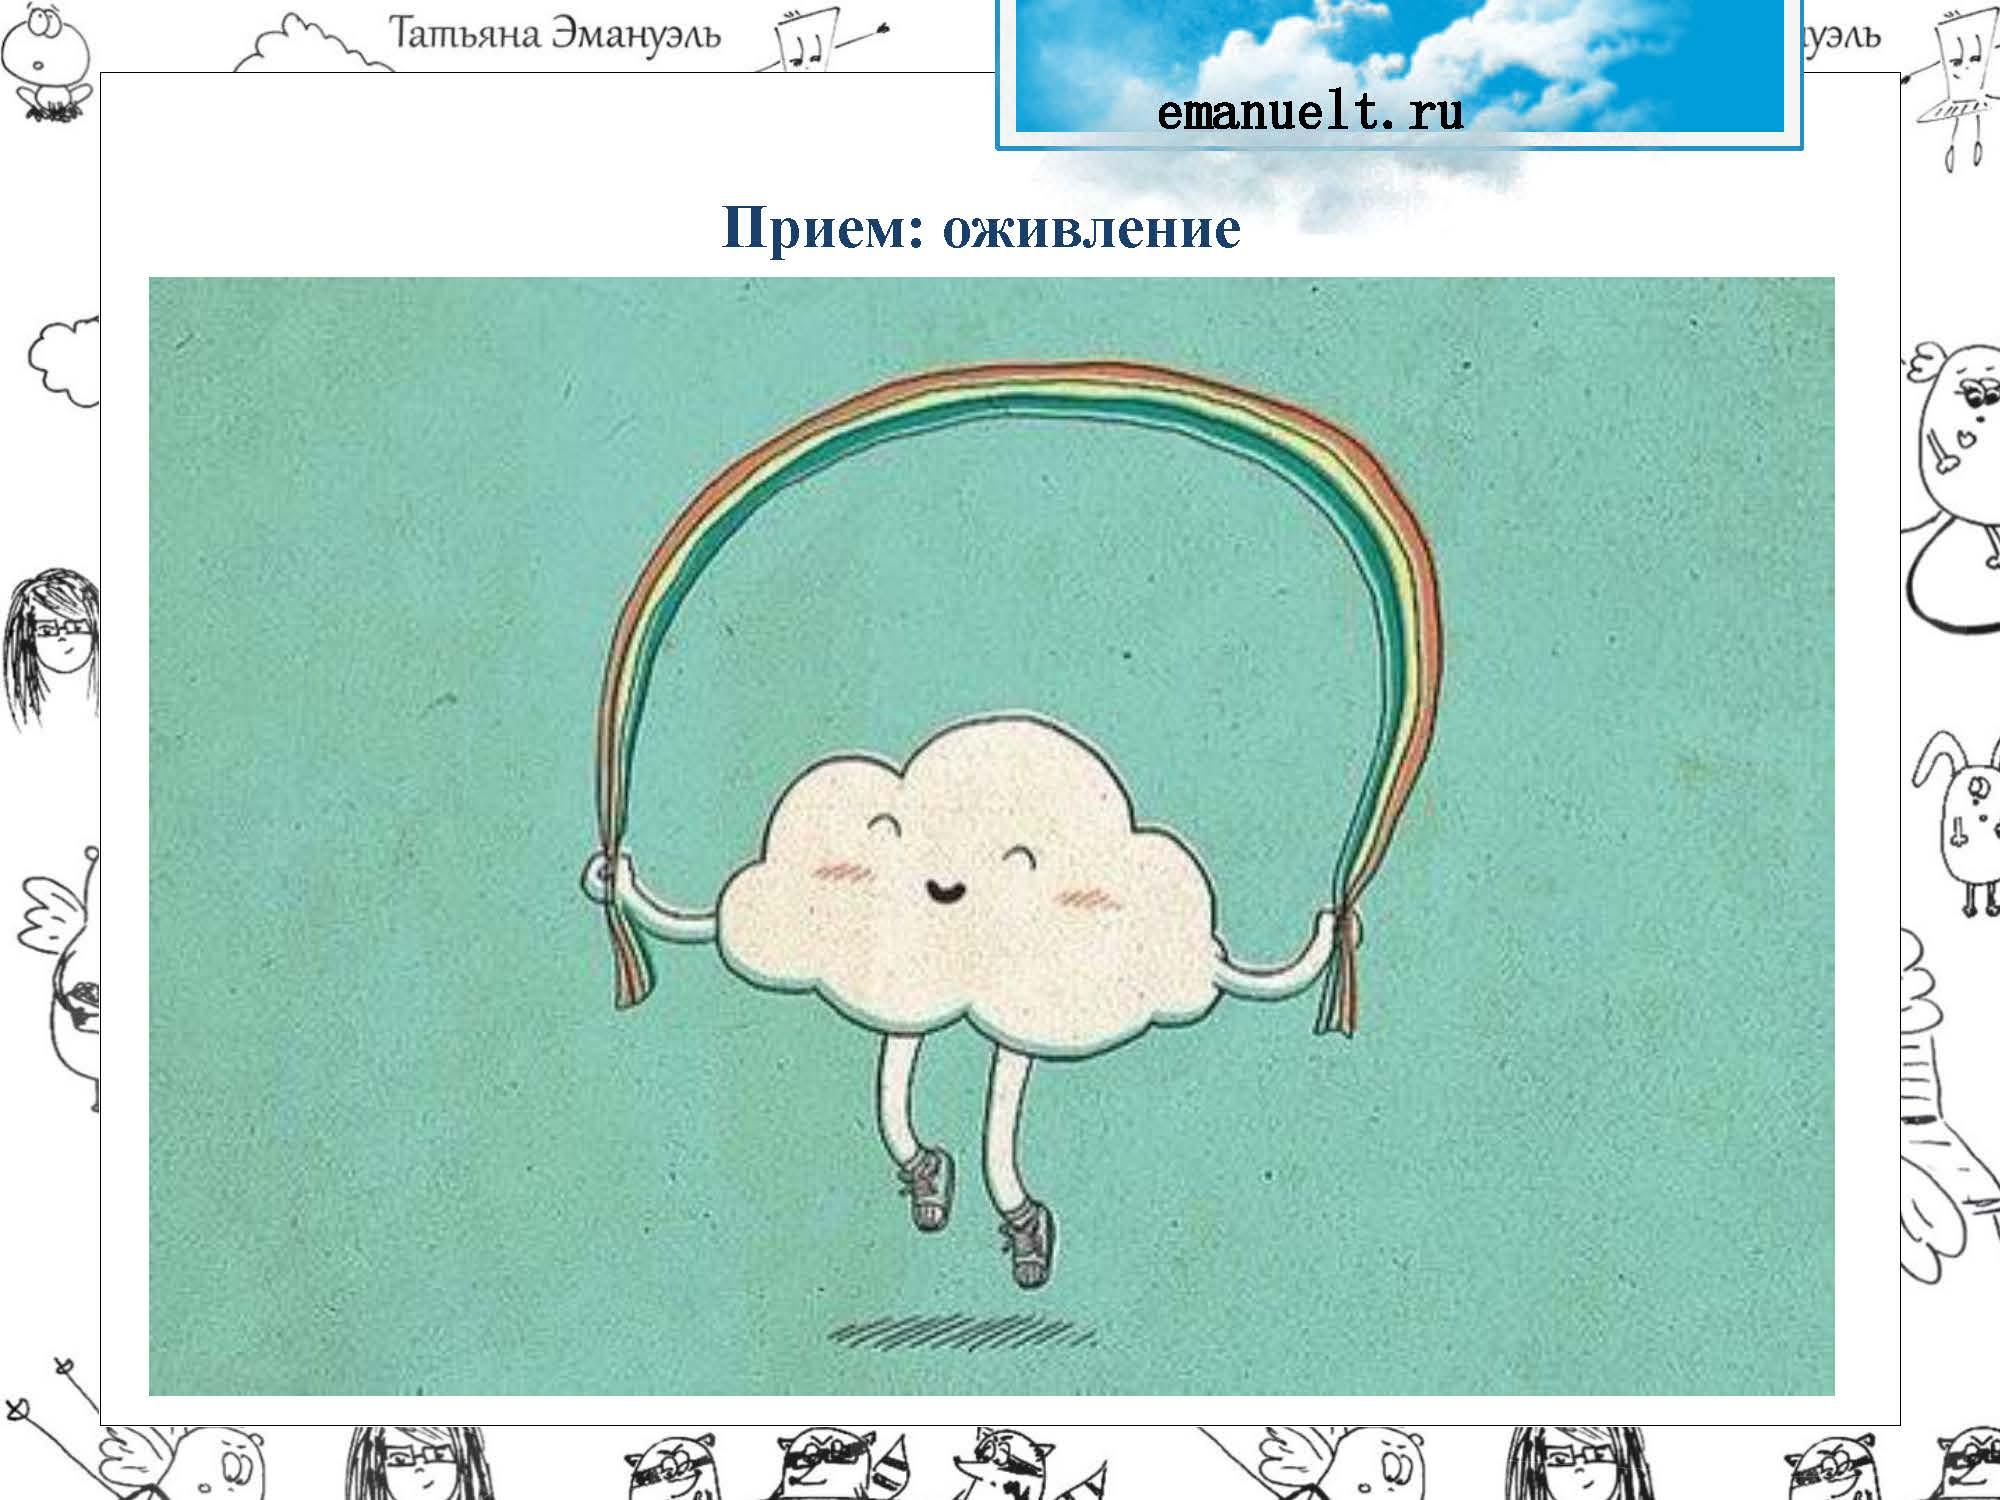 !облака_Страница_109